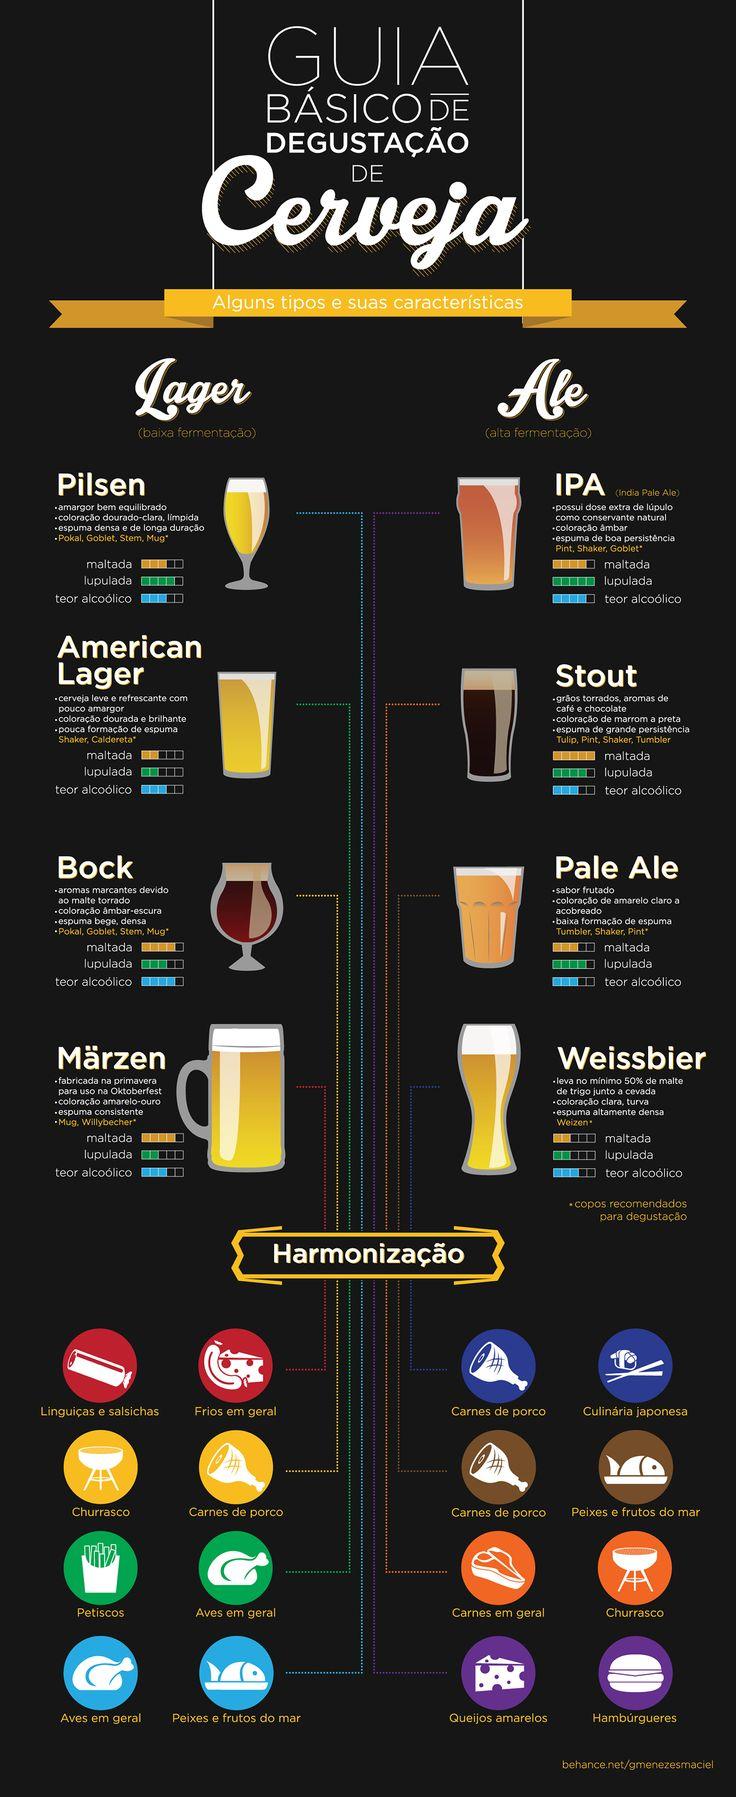 Guia básico da cerveja - Assuntos Criativos